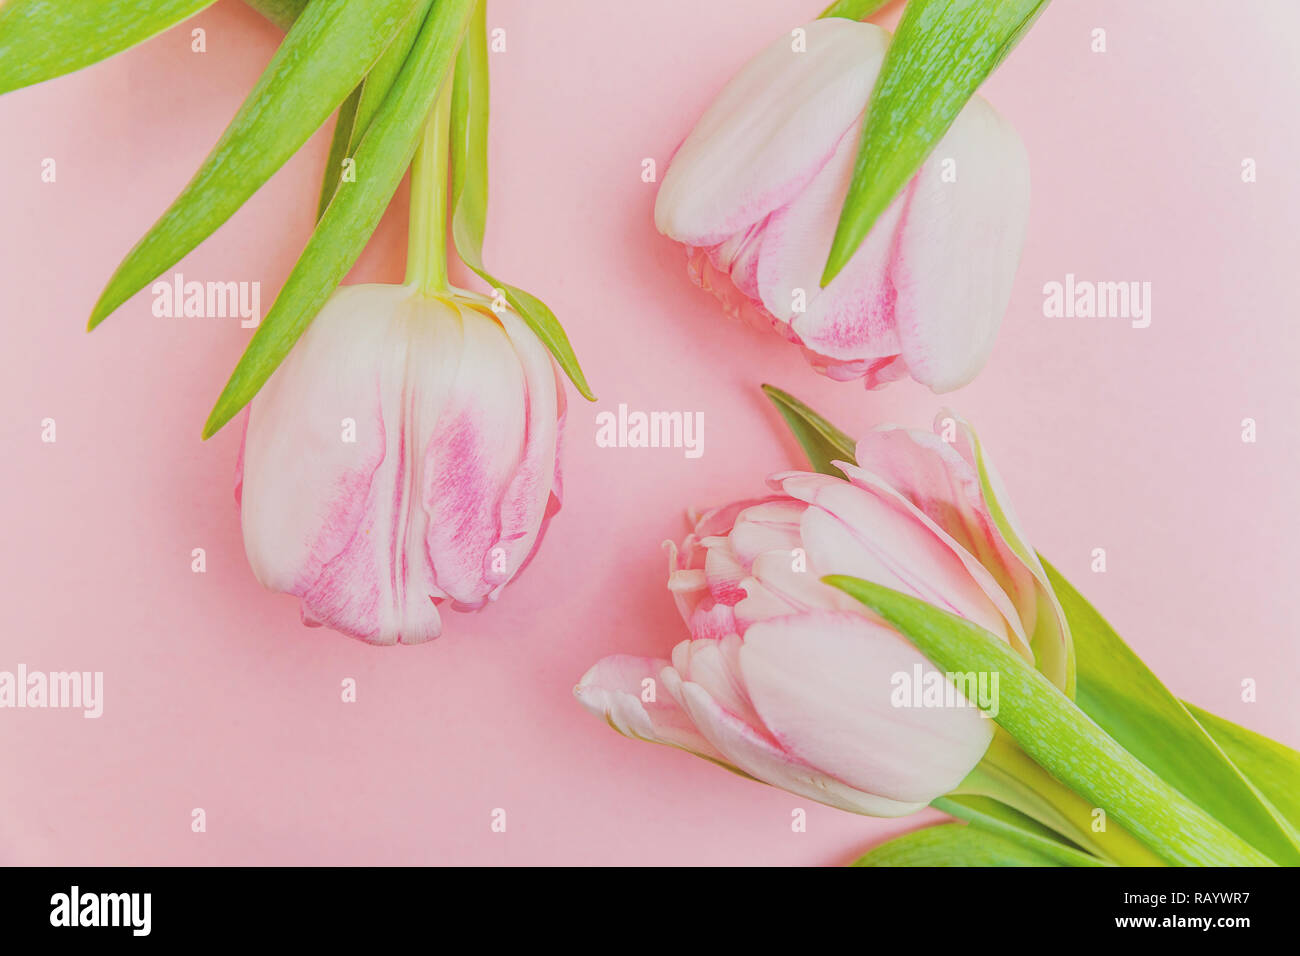 Tarjeta de felicitación de primavera. Ramo de tulipanes de color rosa pastel luz frescas flores sobre fondo de color rosa colorido moderno. Feliz día de la madre vacaciones de Pascua aniversario el día de San Valentín cumpleaños concepto. Plana Vista superior laicos espacio de copia Foto de stock